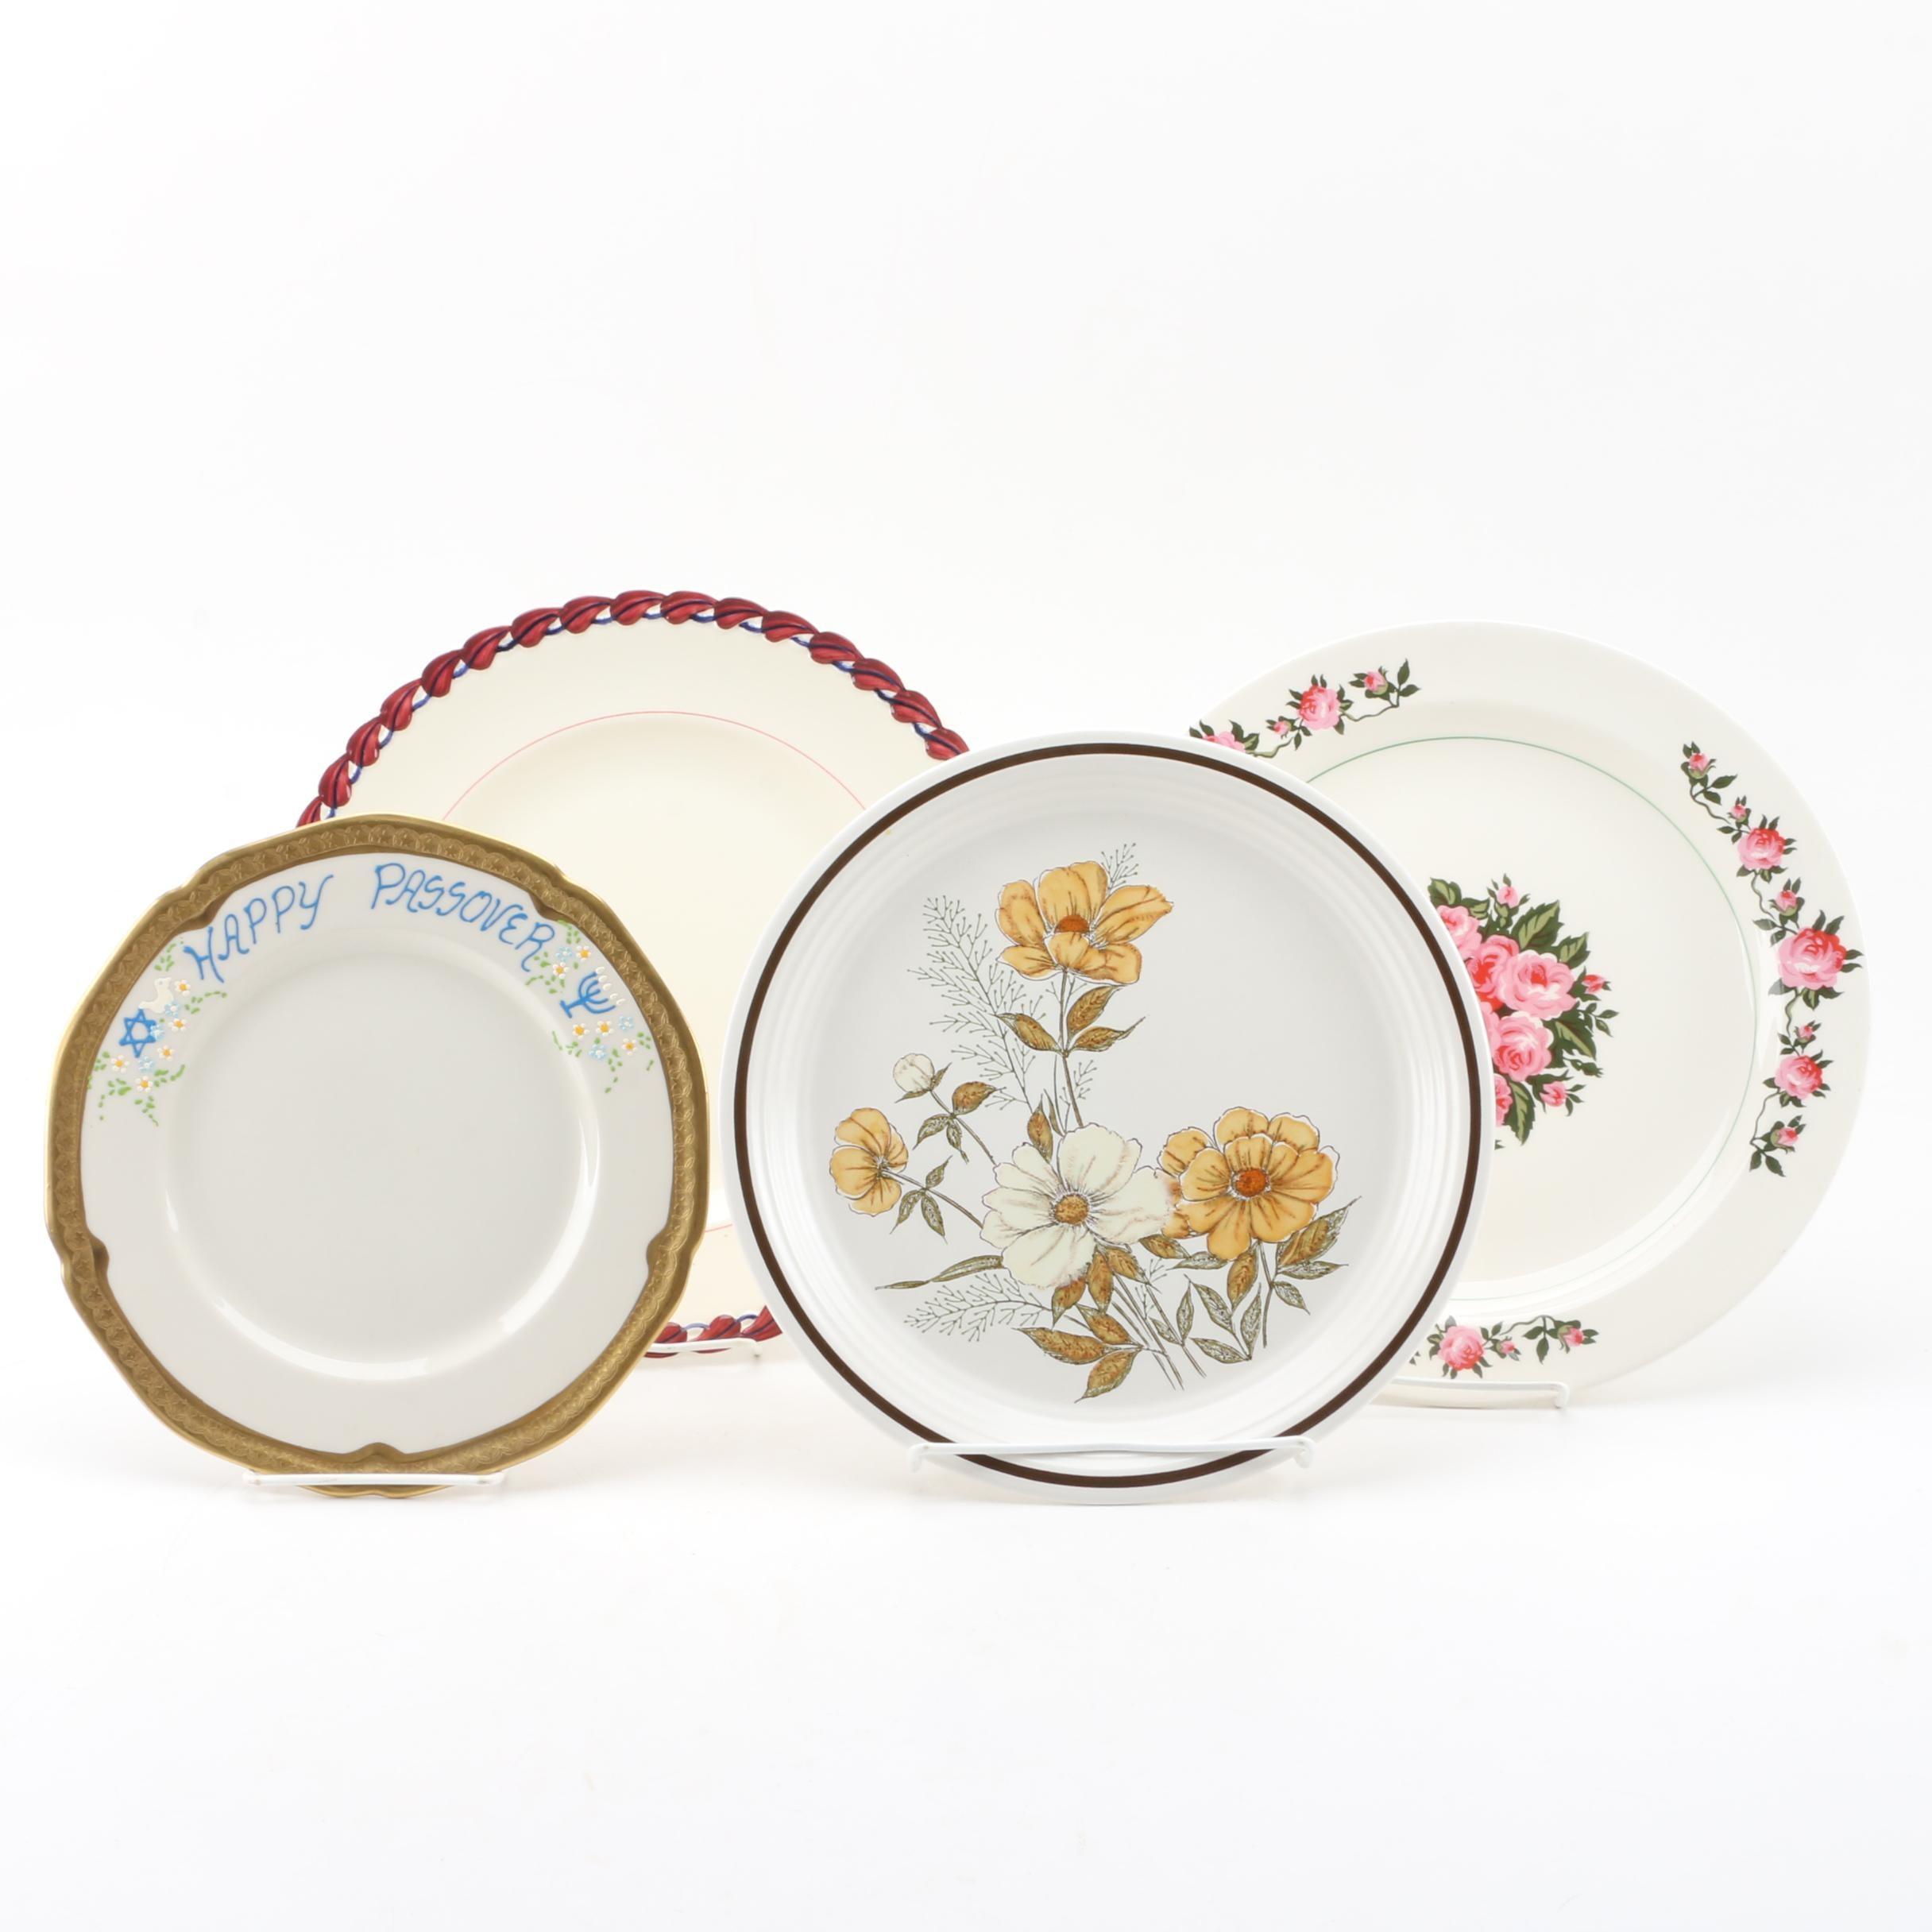 Four Decorative Ceramic Plates